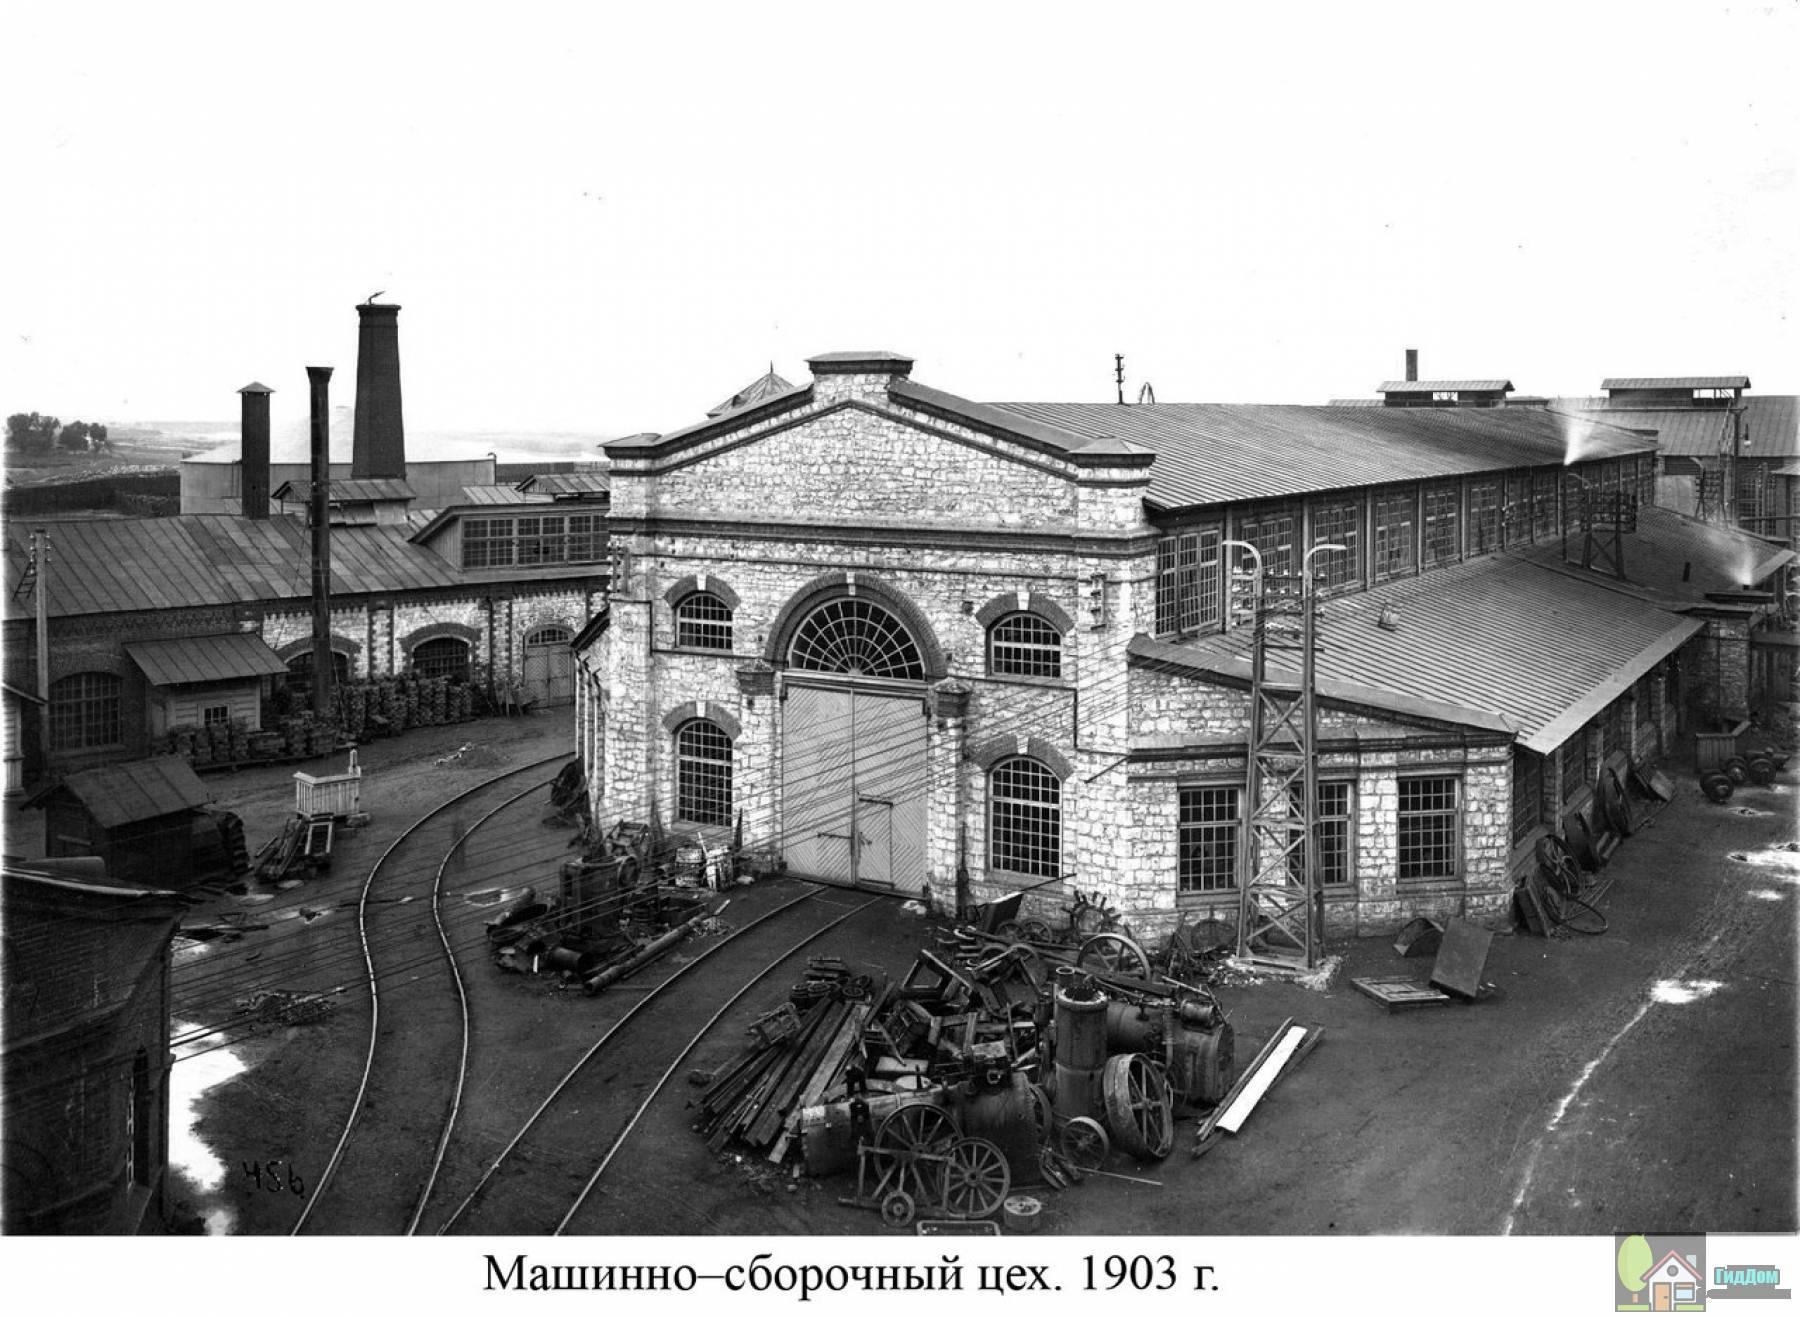 Машинно-сборочный цех Коломенского завода